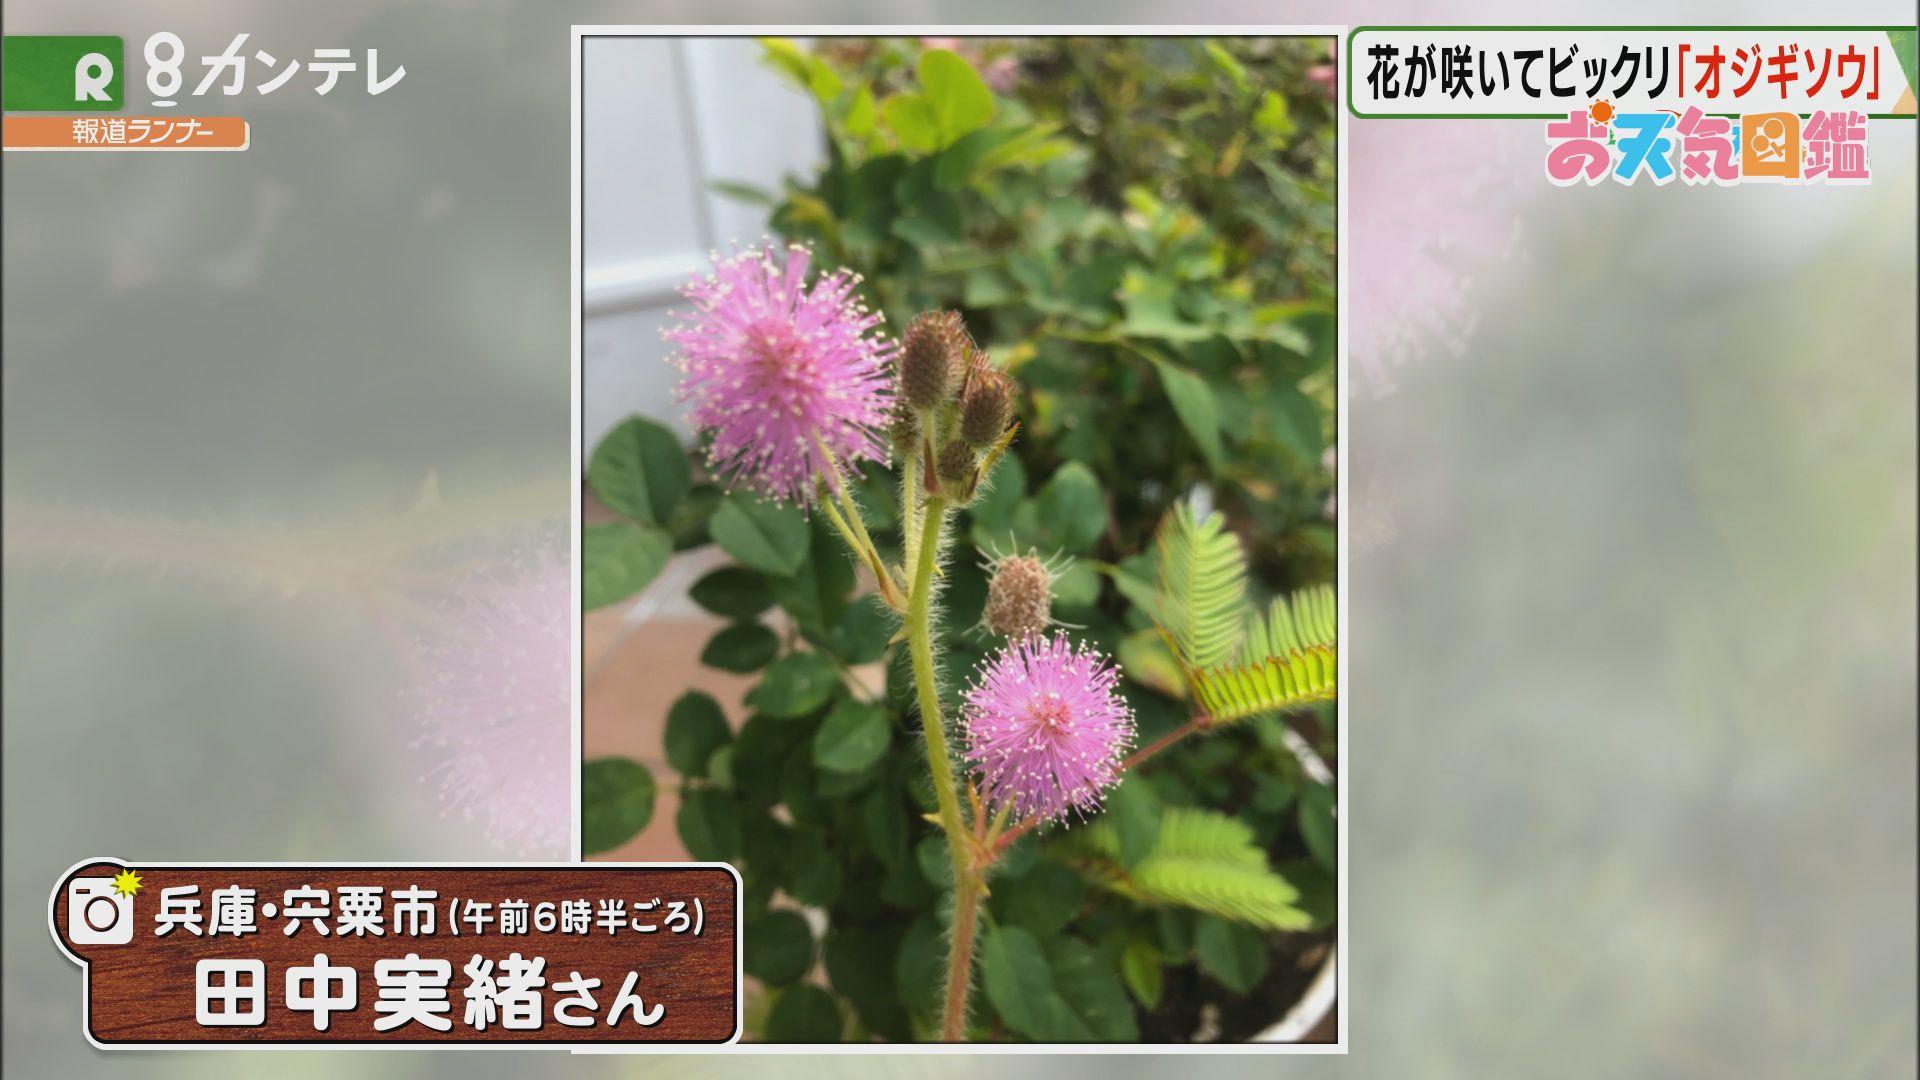 「フワフワ!おじぎ草の花」(兵庫・宍粟市)